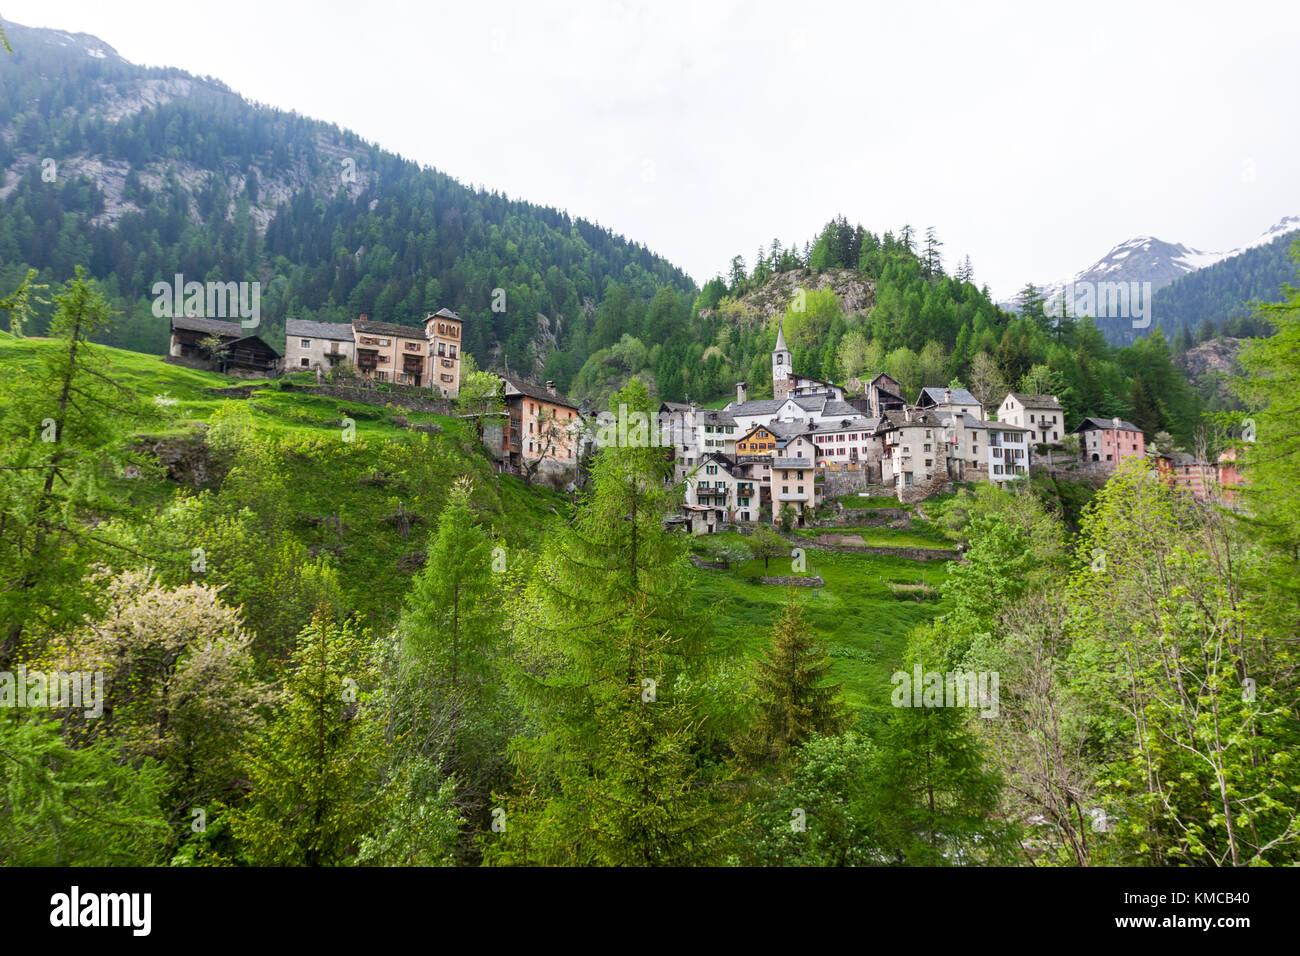 Fusio, distrito de Vallemaggia en el cantón del Tesino, Suiza. Foto de stock